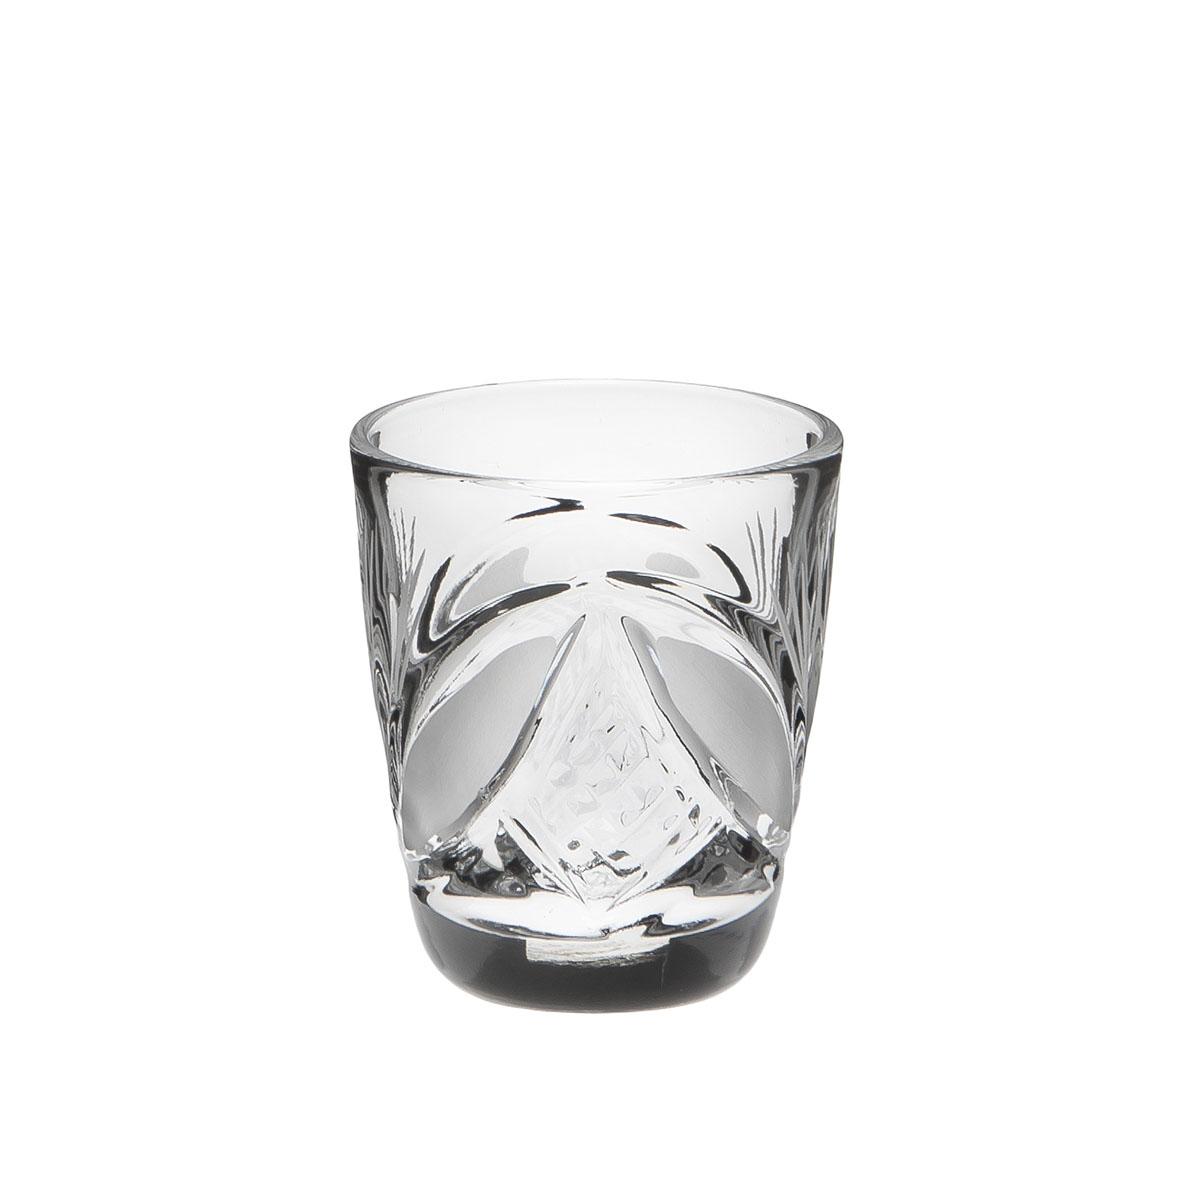 Стакан Дятьковский хрусталь Барыня. Камень, 30 мл. С344/6С344/6Хрустальные стаканы – красивое и простое решение для украшения праздничного стола. Стаканы из хрусталя универсальны, они подойдут и для алкогольных напитков – вина, шампанского, и для освежающих – минеральной воды, компота или сока. Если в вашей домашней коллекции еще нет предметов хрустальной посуды, купить хрустальные стаканы стоит обязательно.